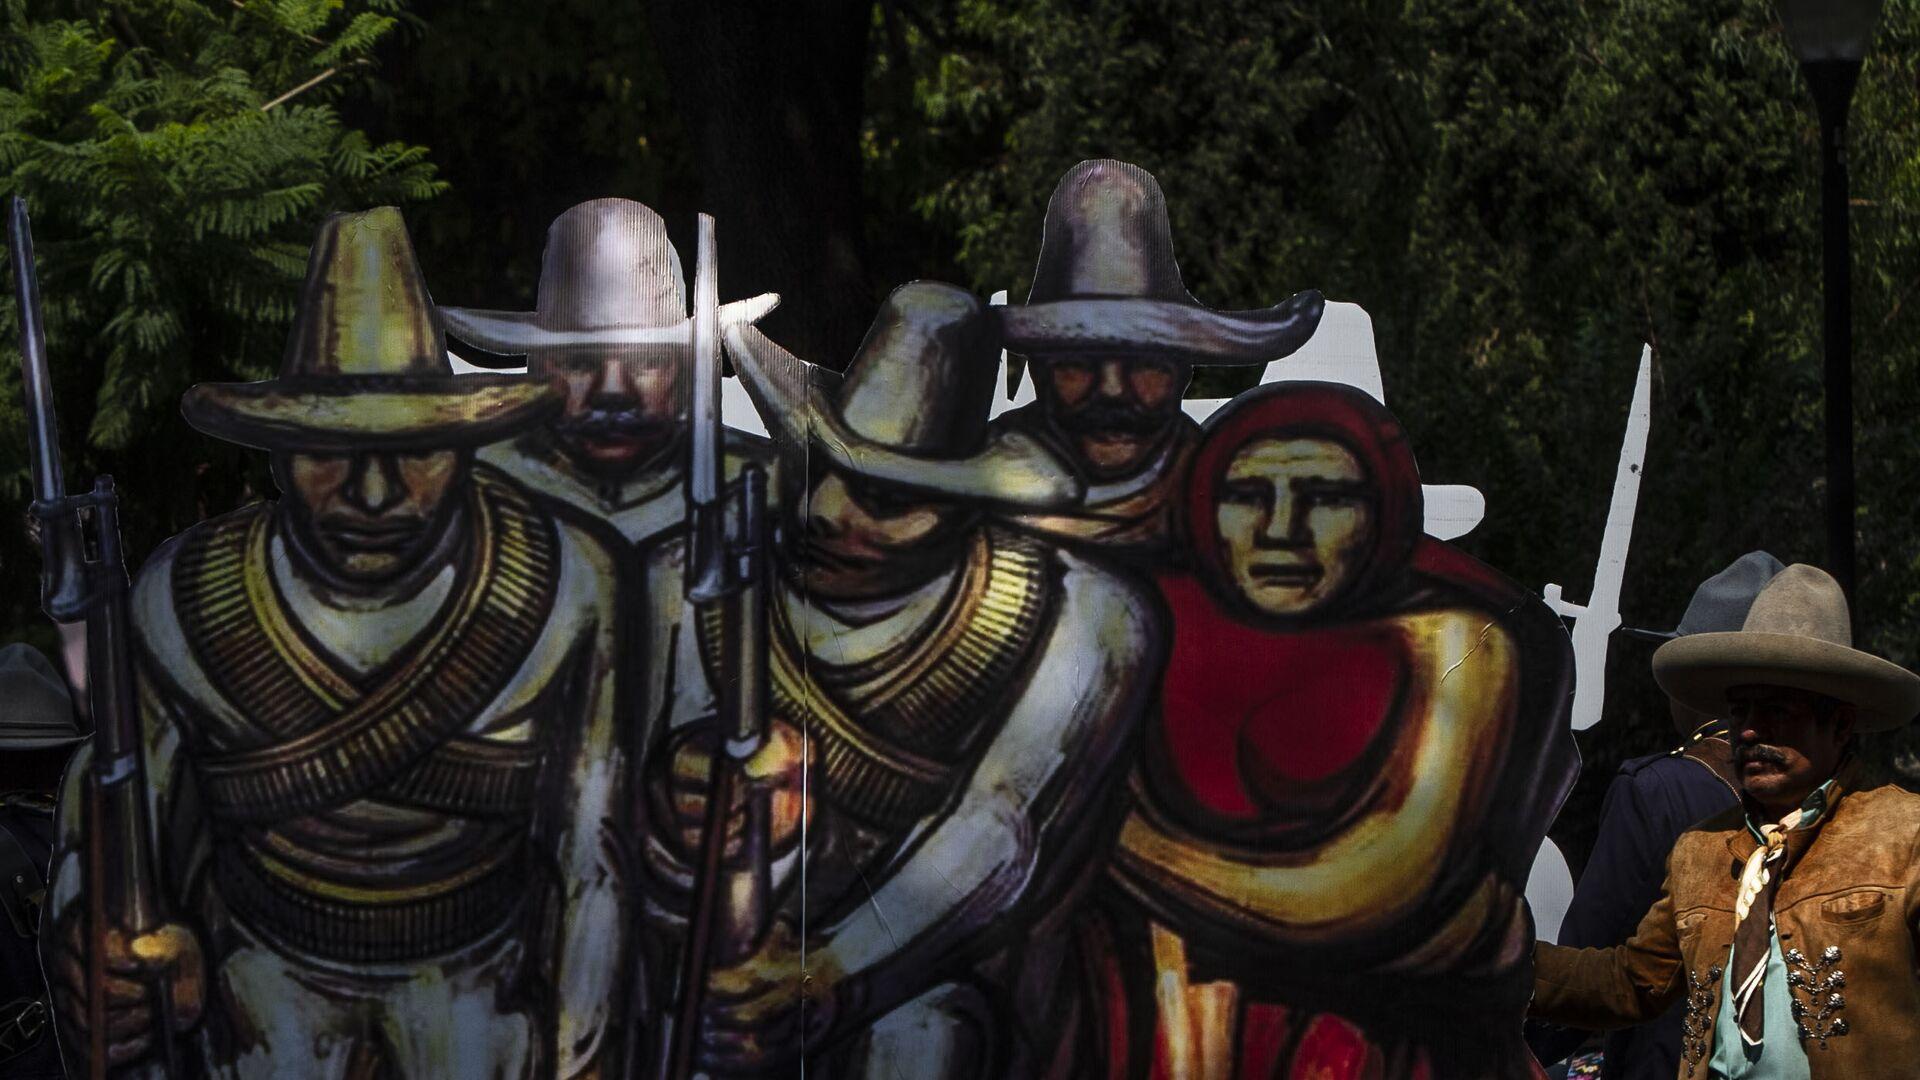 El Ejército mexicano en el carro alegórico al Ejército de la División del Norte comandado por Francisco Villa, durante la conmemoración de los 109 años de la Revolución mexicana.  - Sputnik Mundo, 1920, 27.09.2021